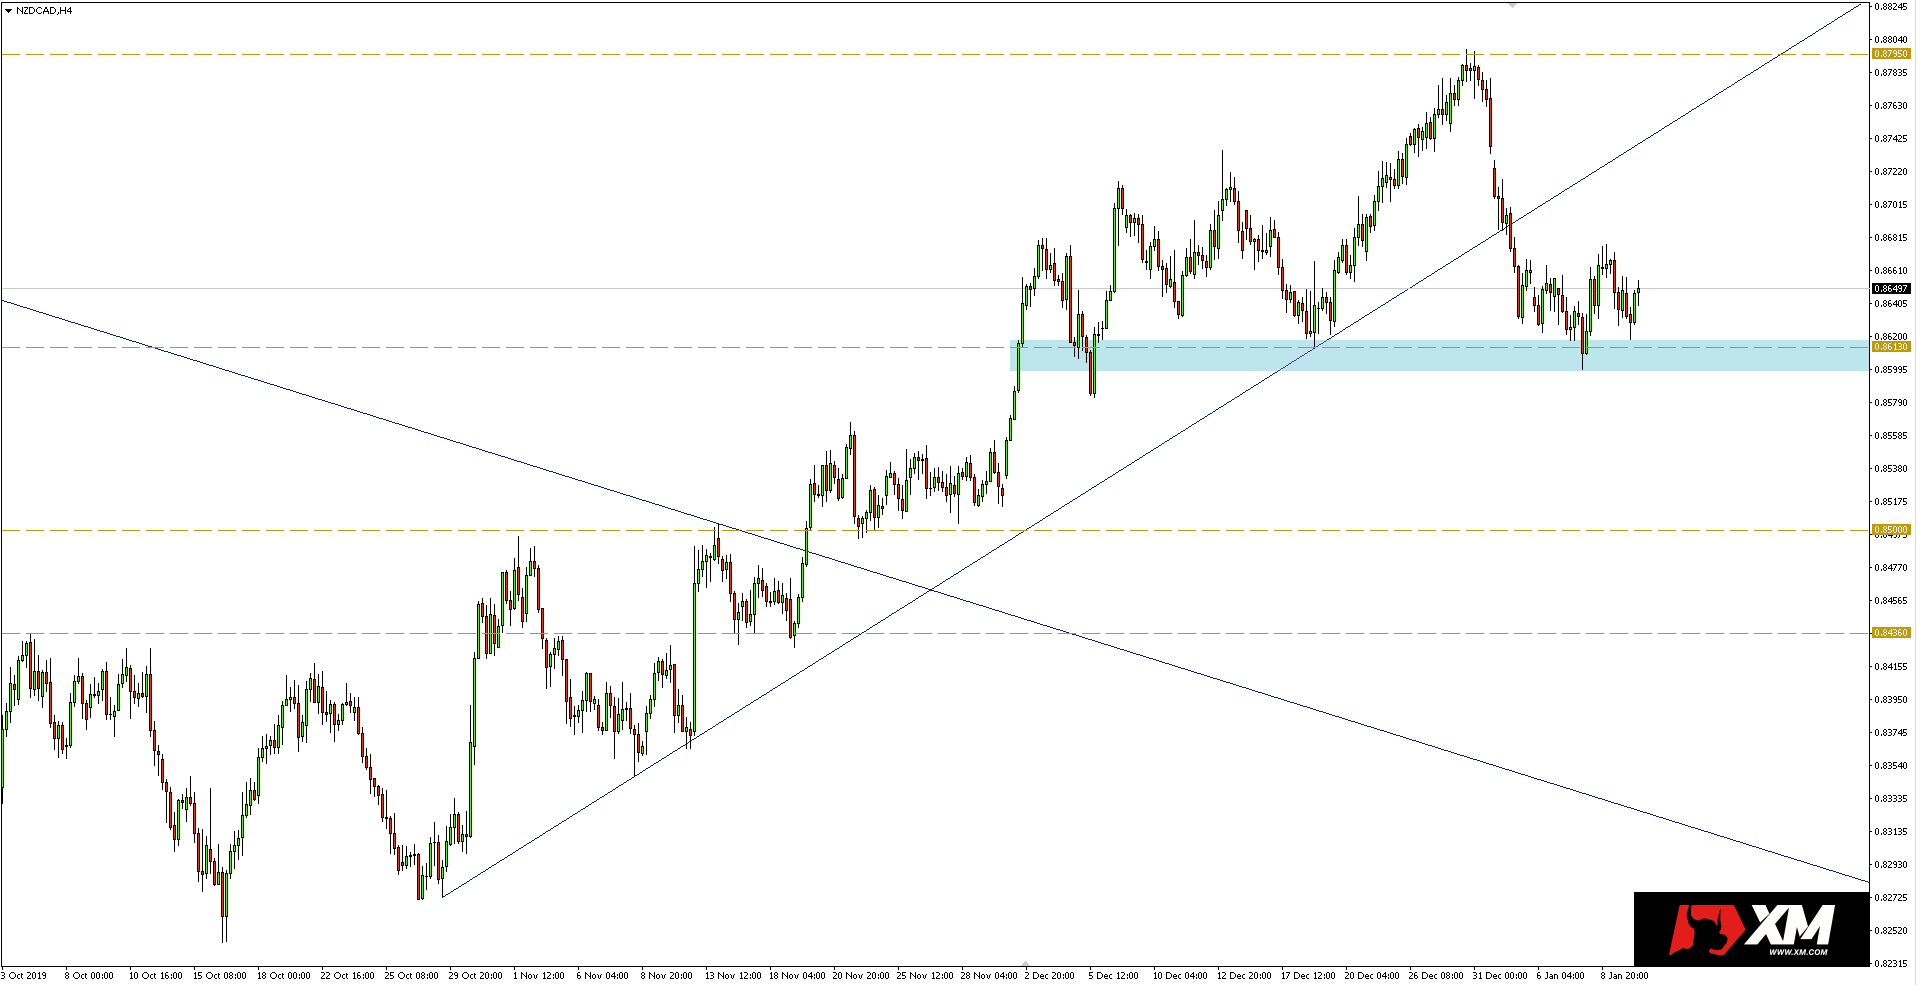 Wykres 4-godzinny pary walutowej NZDCAD - 10.01.2020 r.